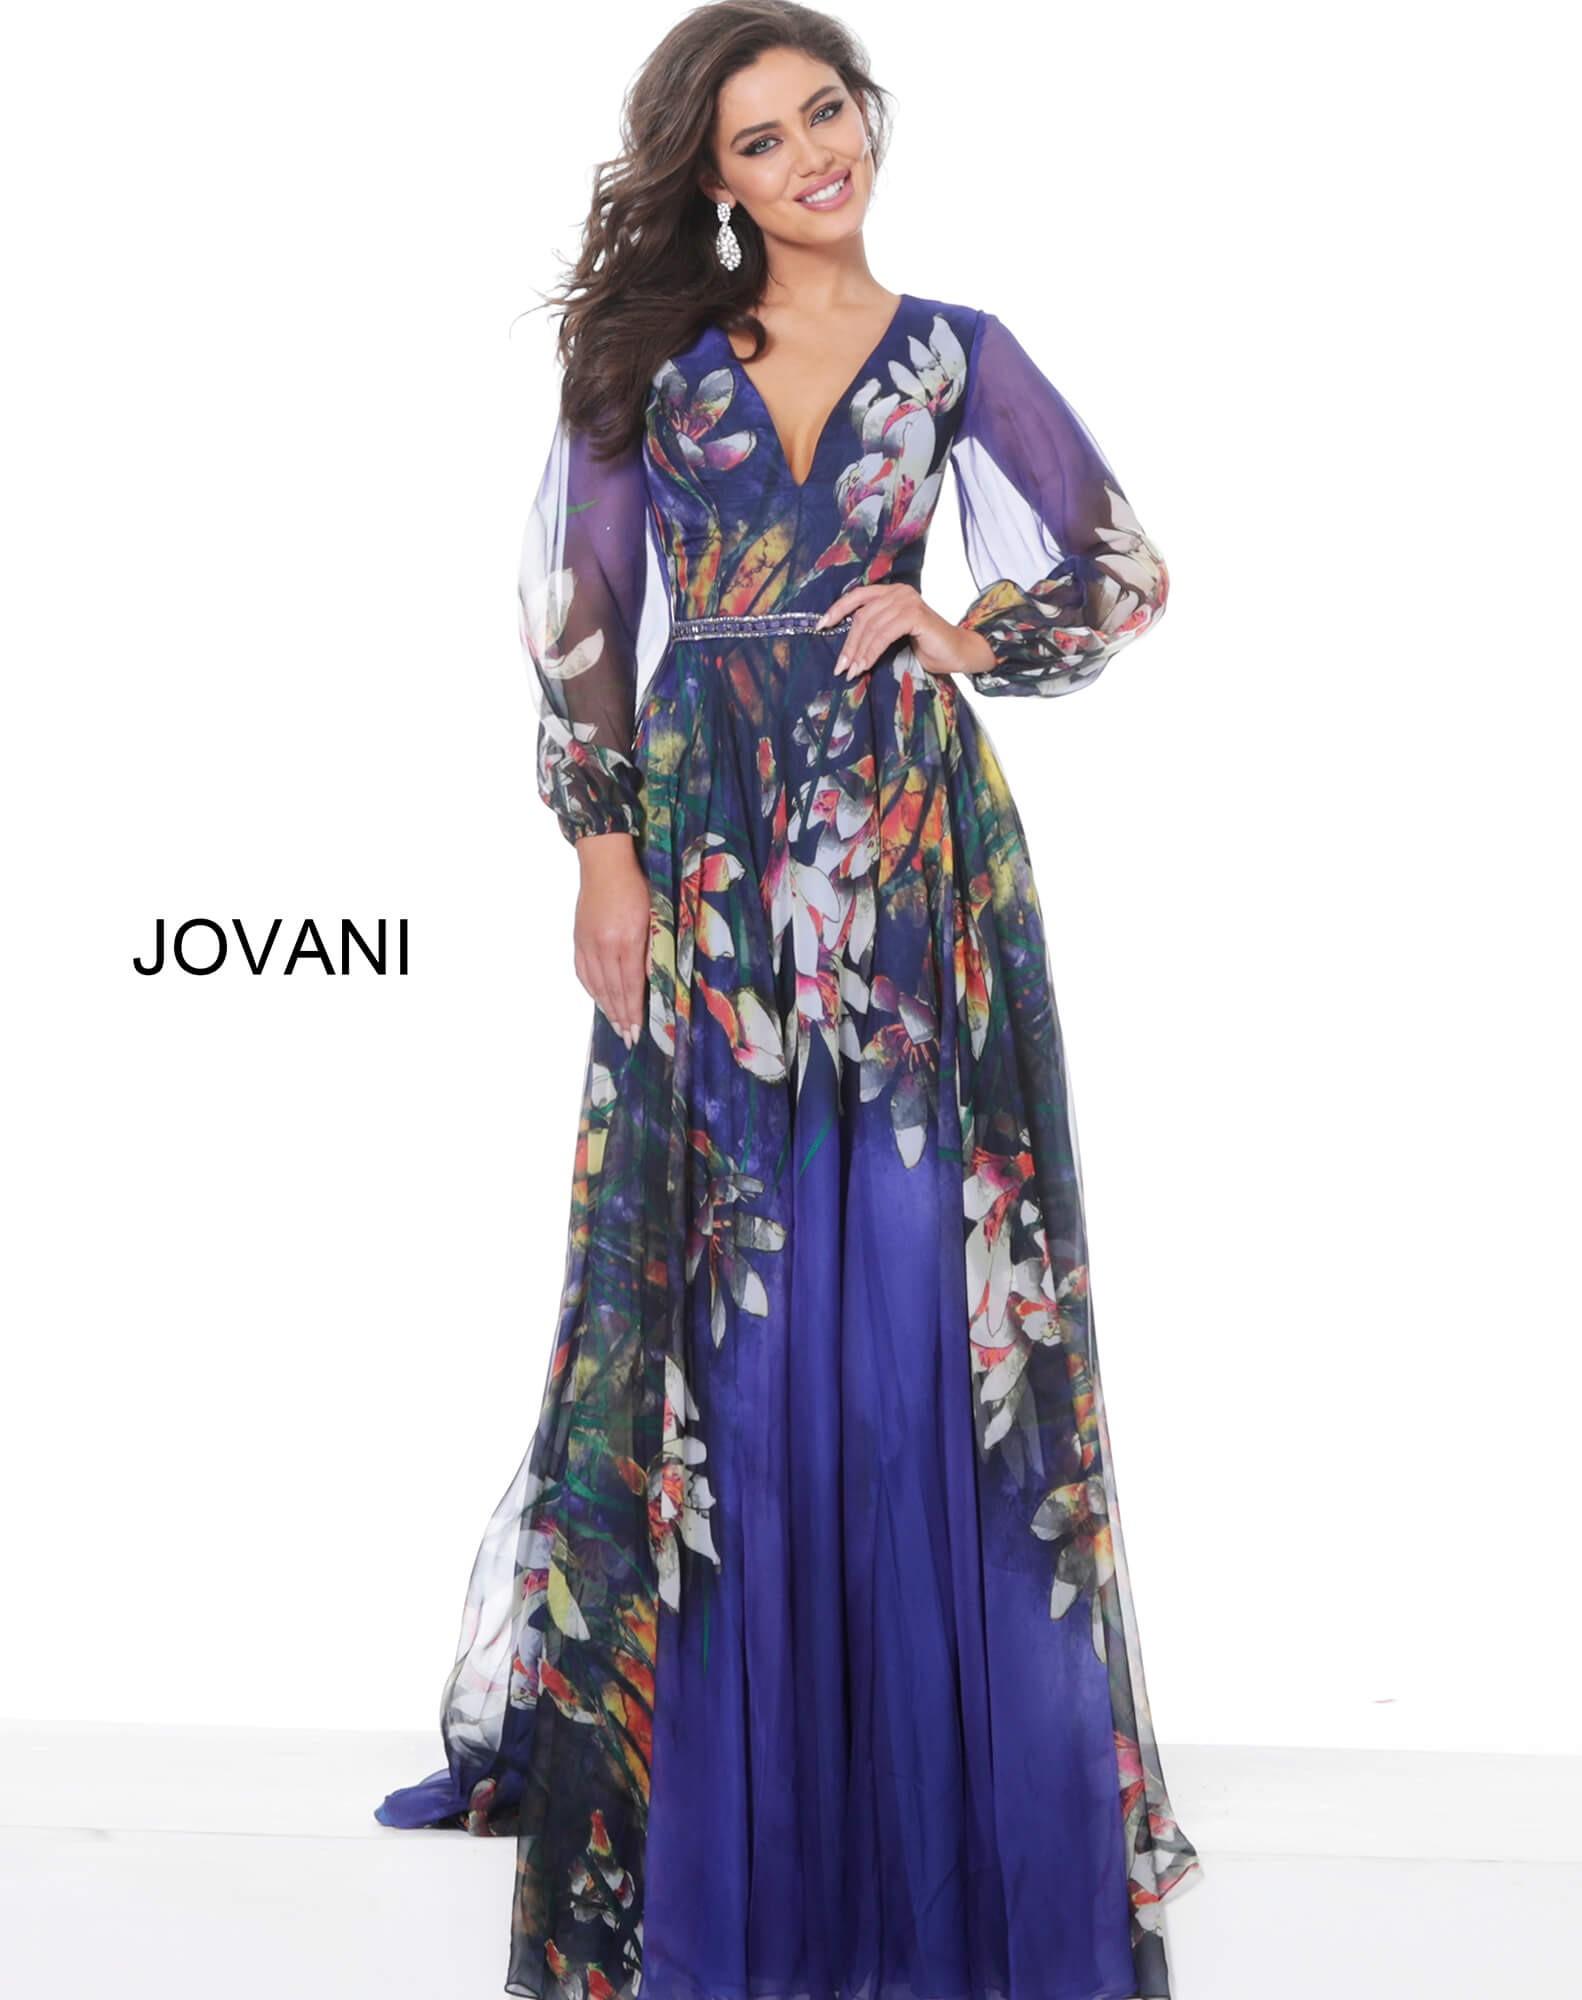 مدل لباس عصرانه | برند ژوانی